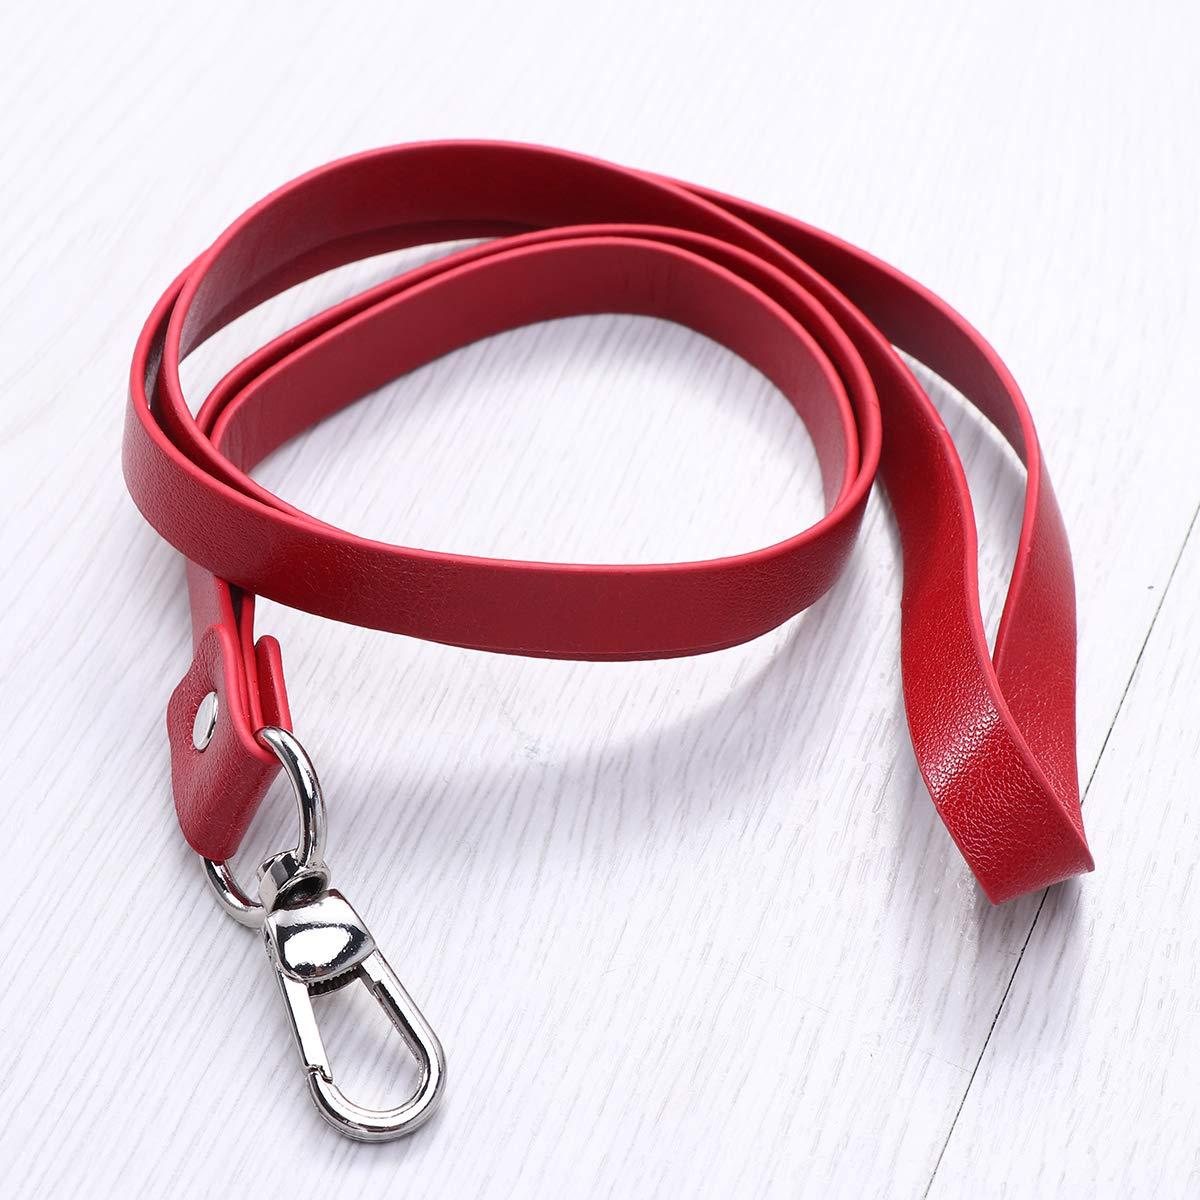 YeahiBaby verticale titolari di carta in pelle con clip staccabile e cordino per il collo girevole rosso